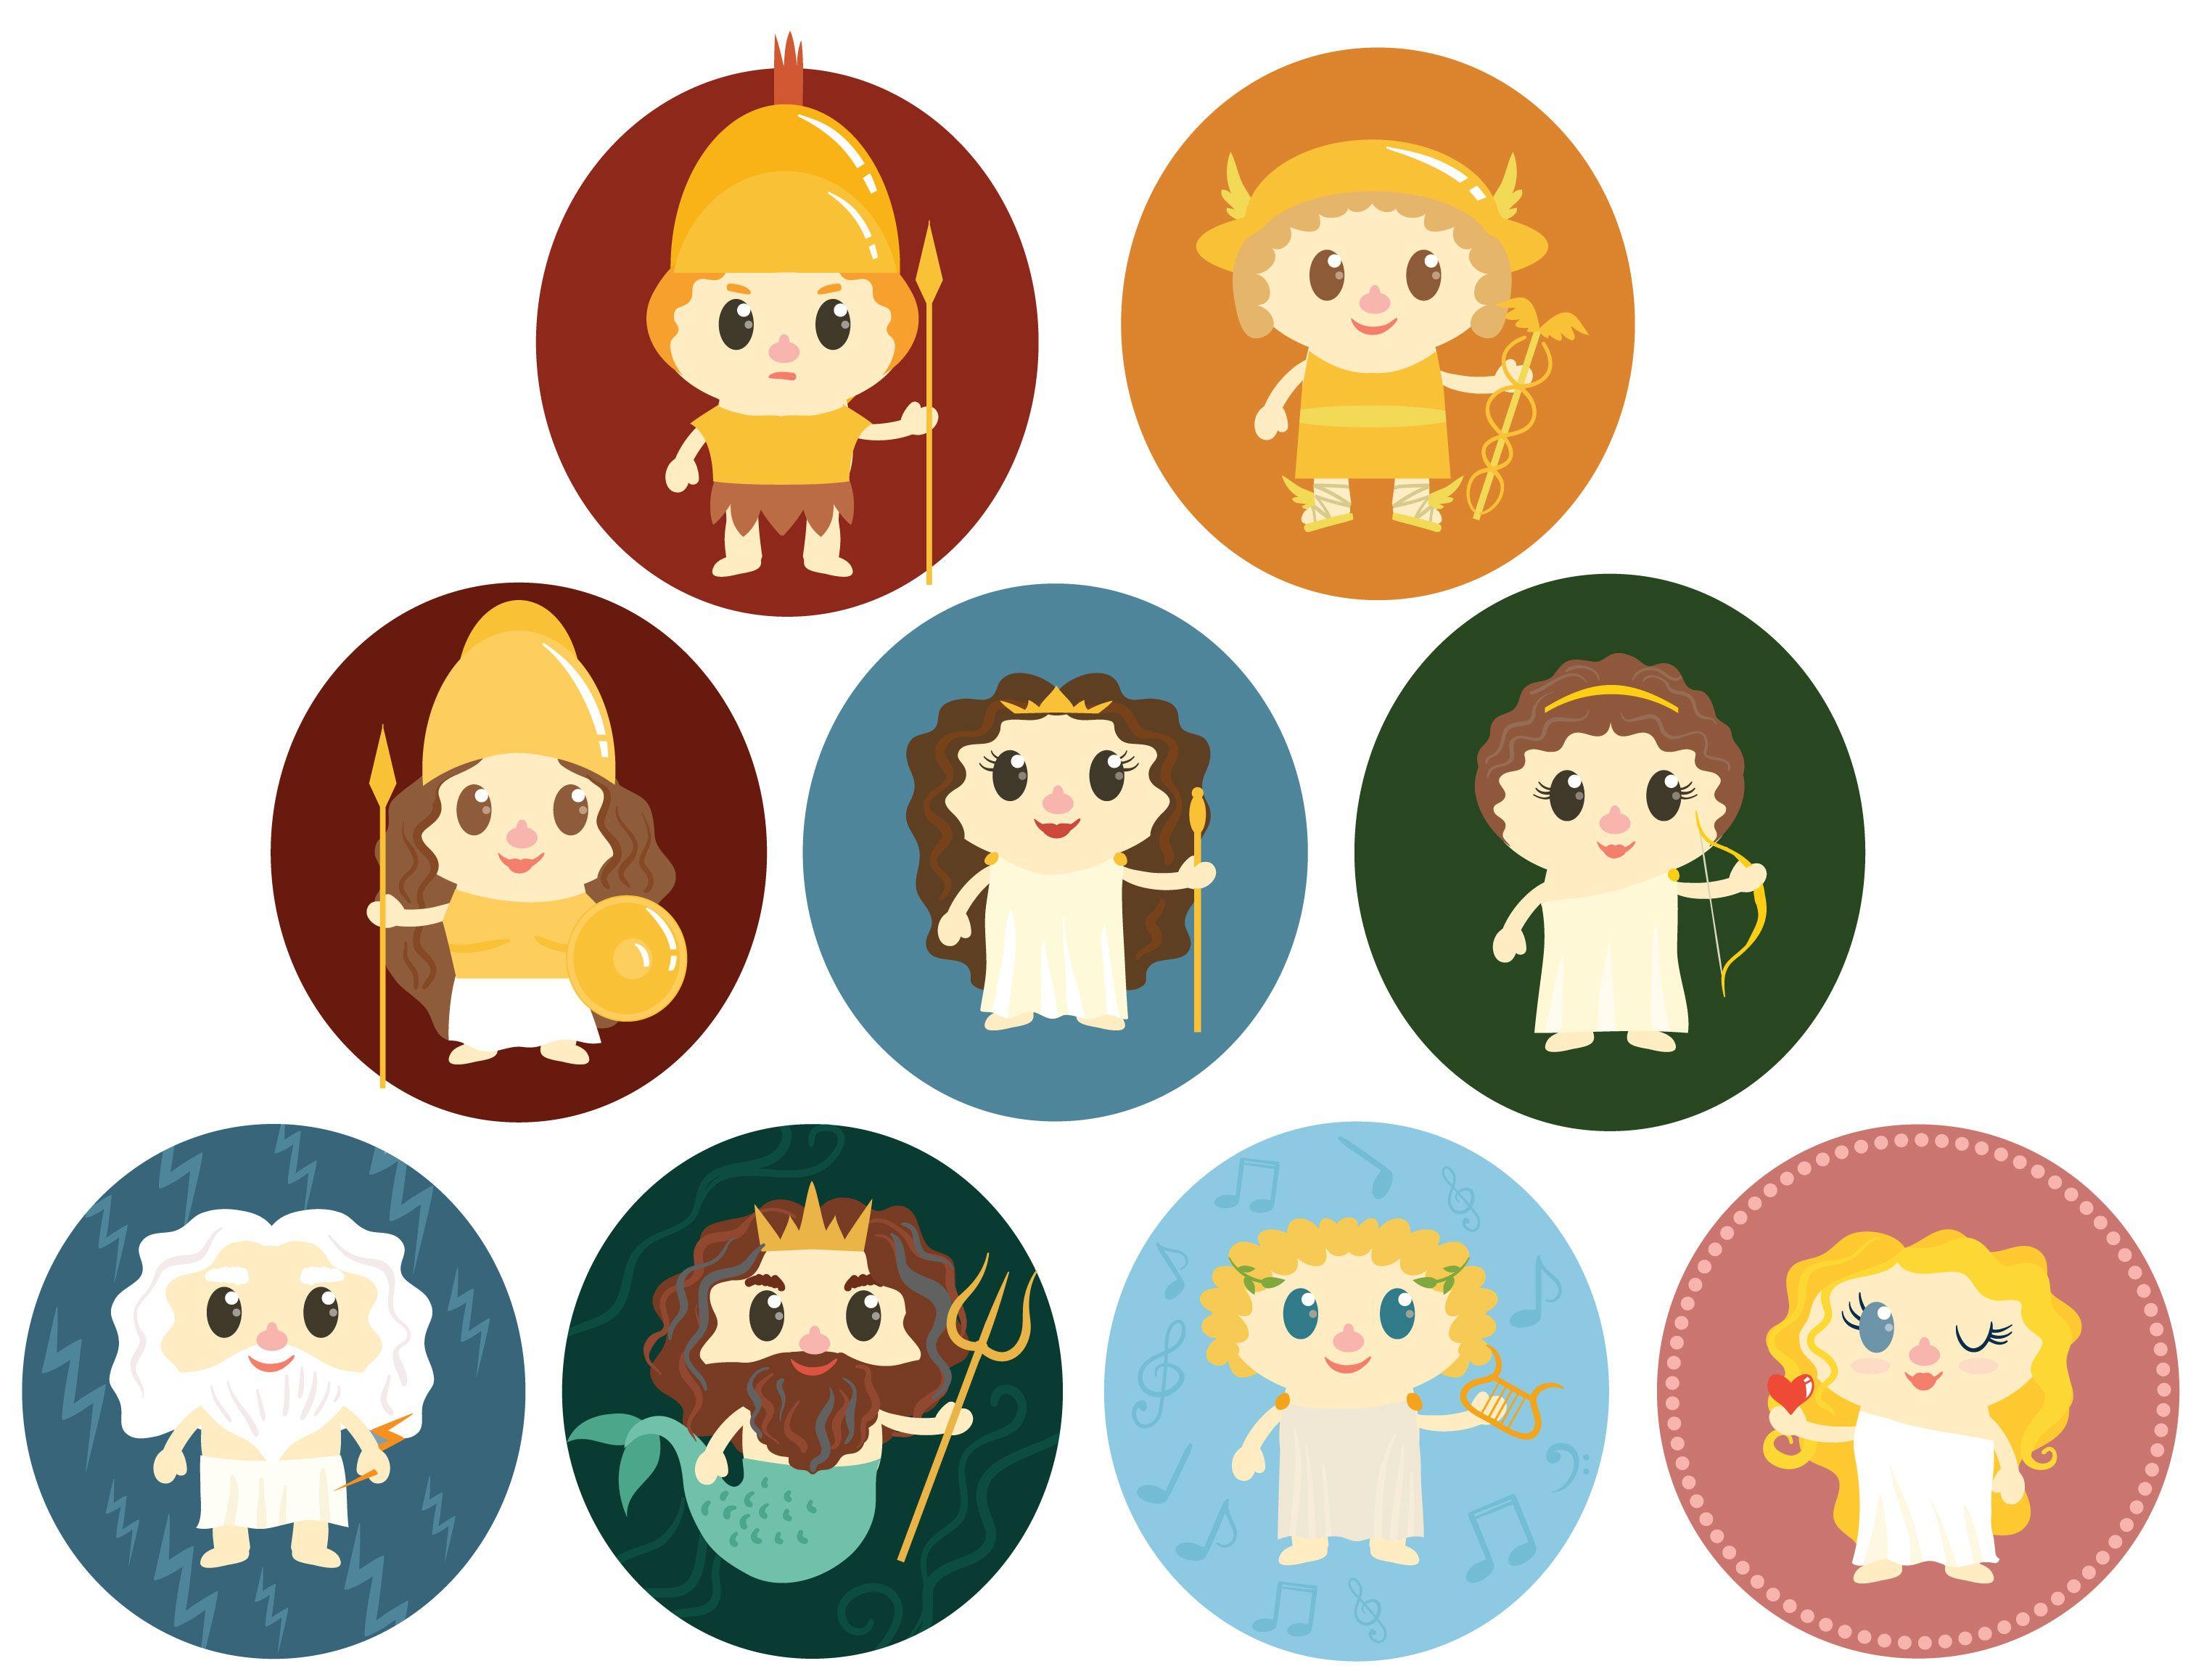 God clipart cute. Free greek gods vectors